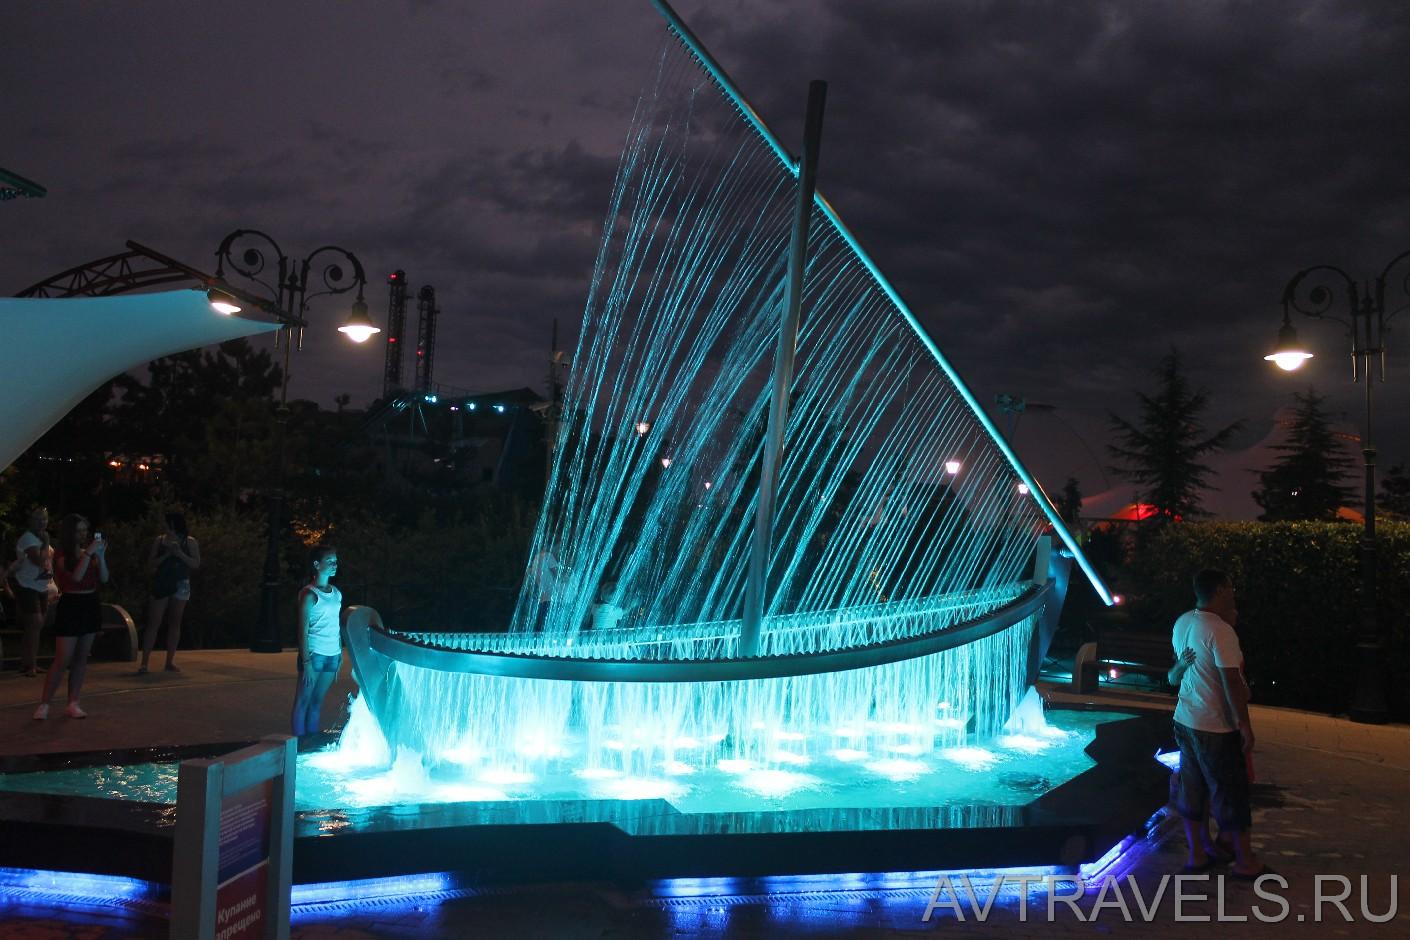 Фонтан Сочи Парк